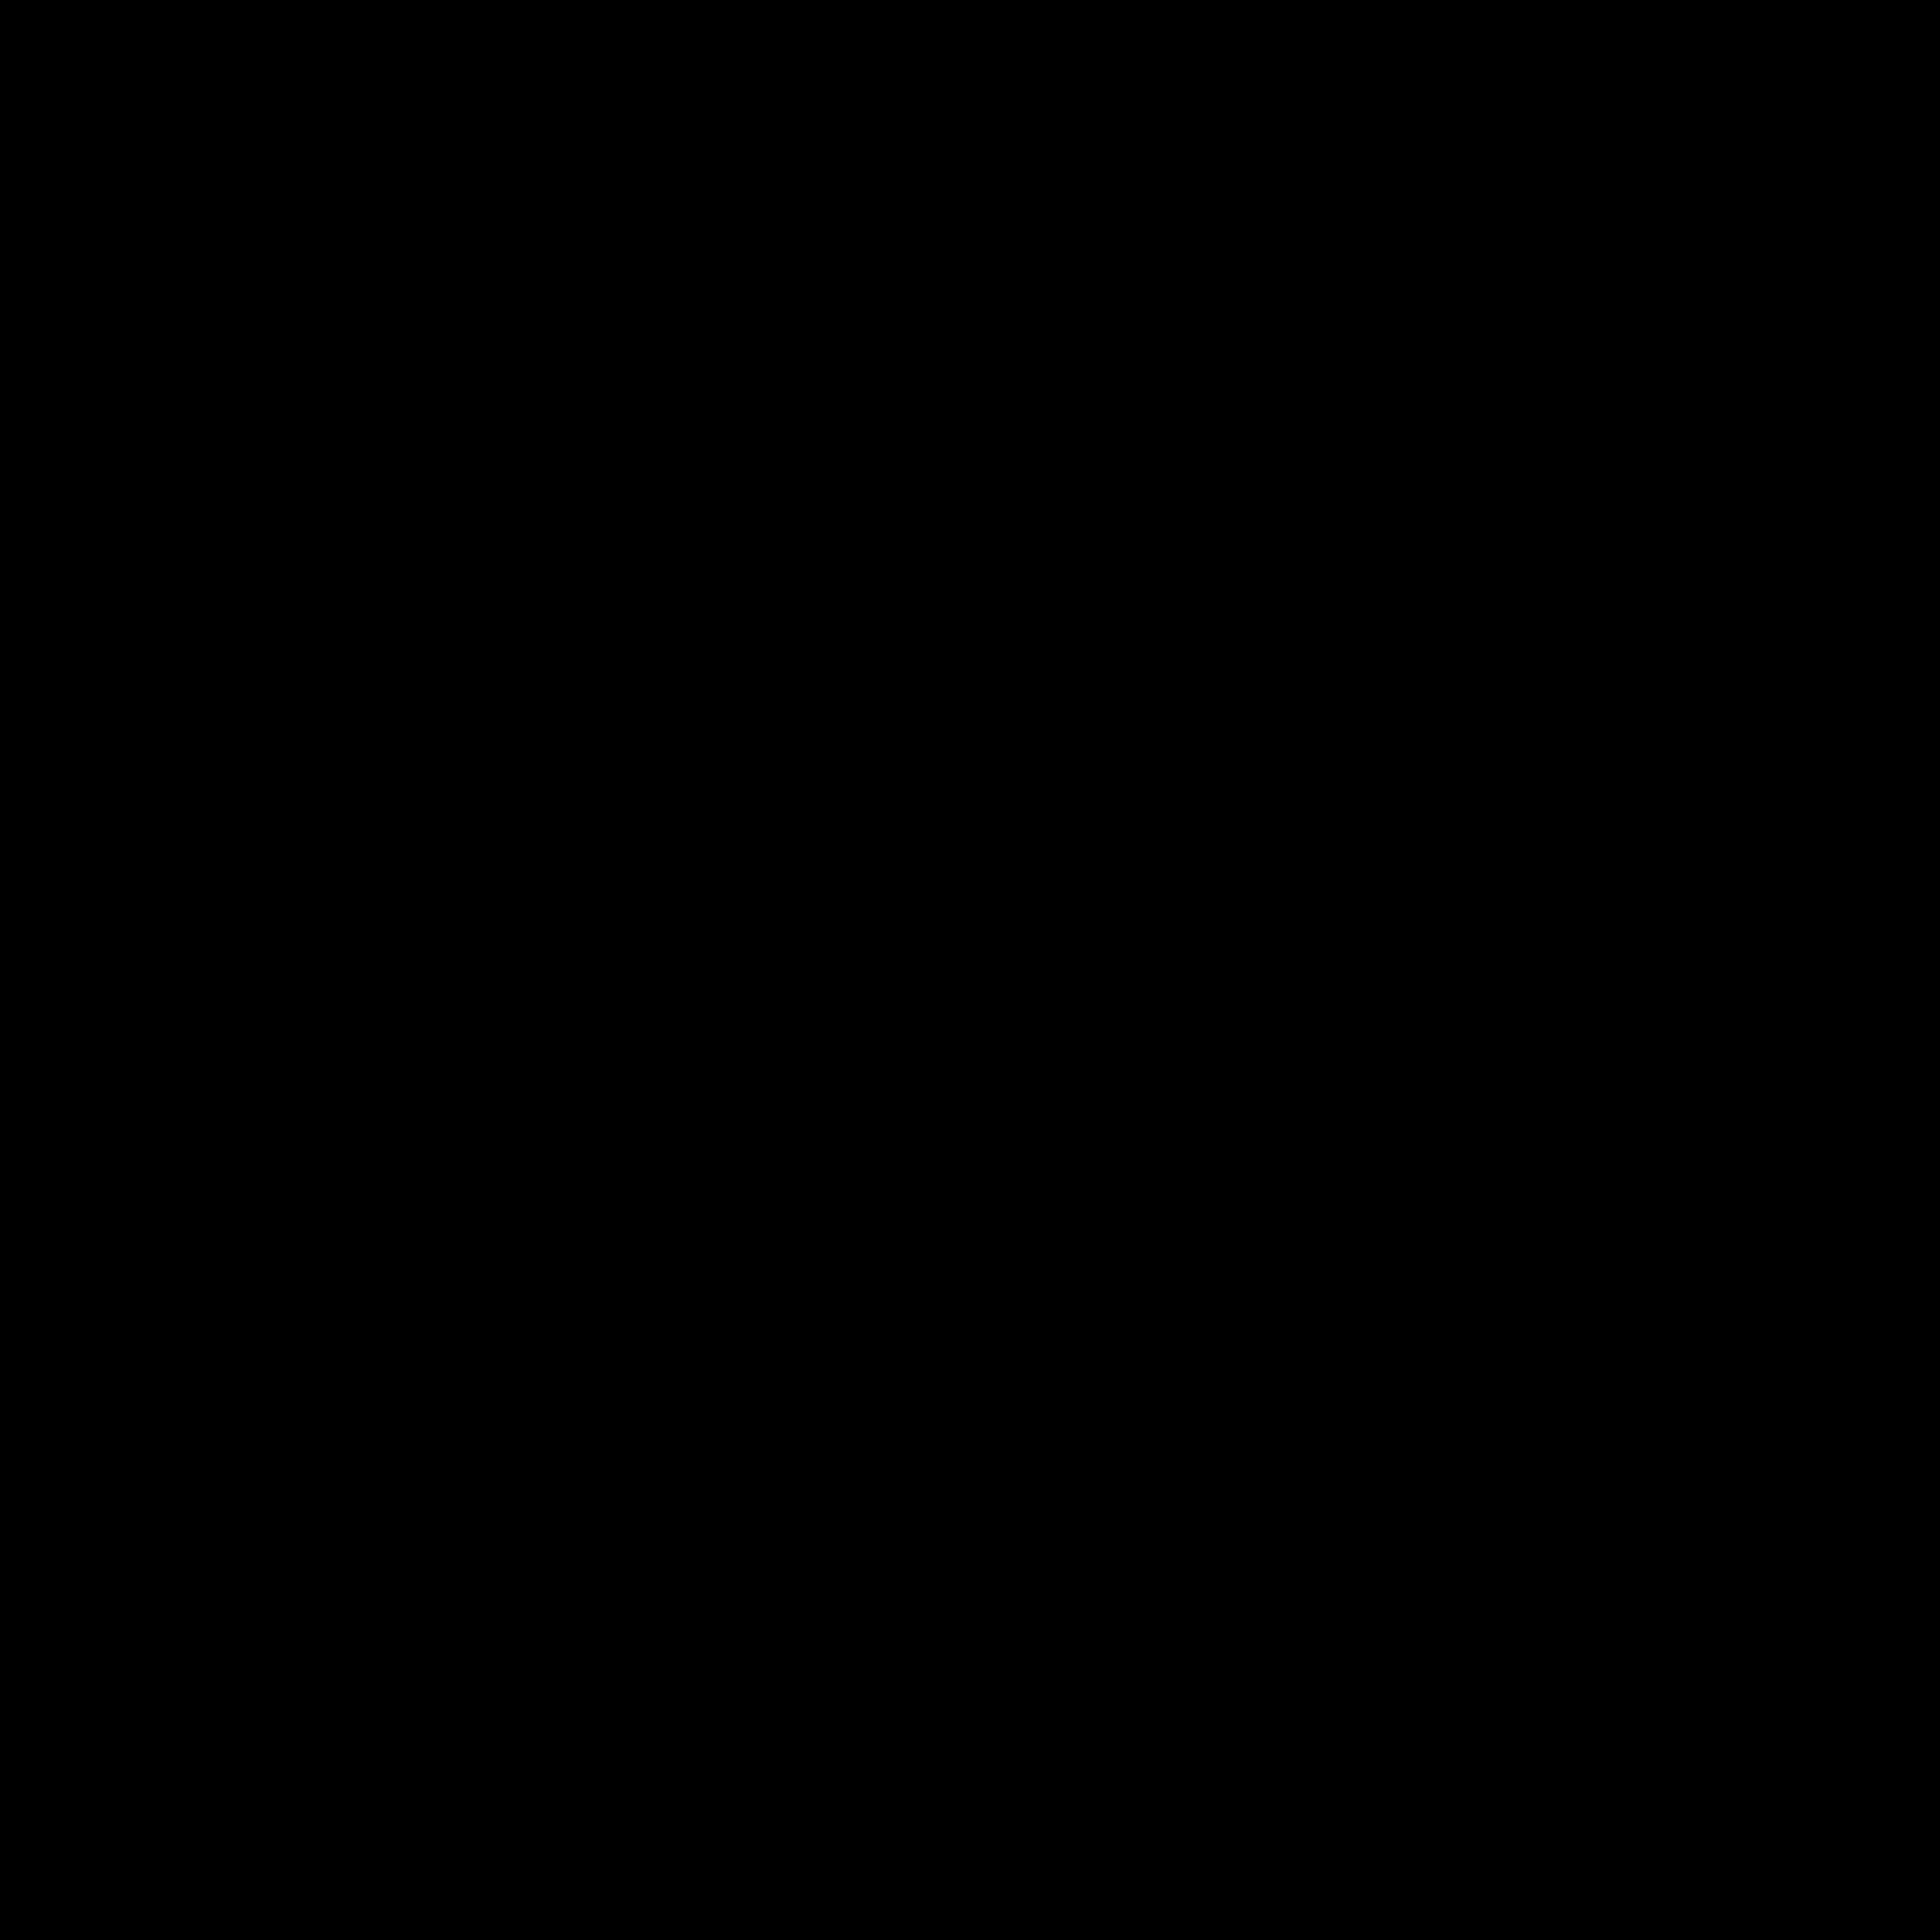 photo d'un totebag tenu par une main